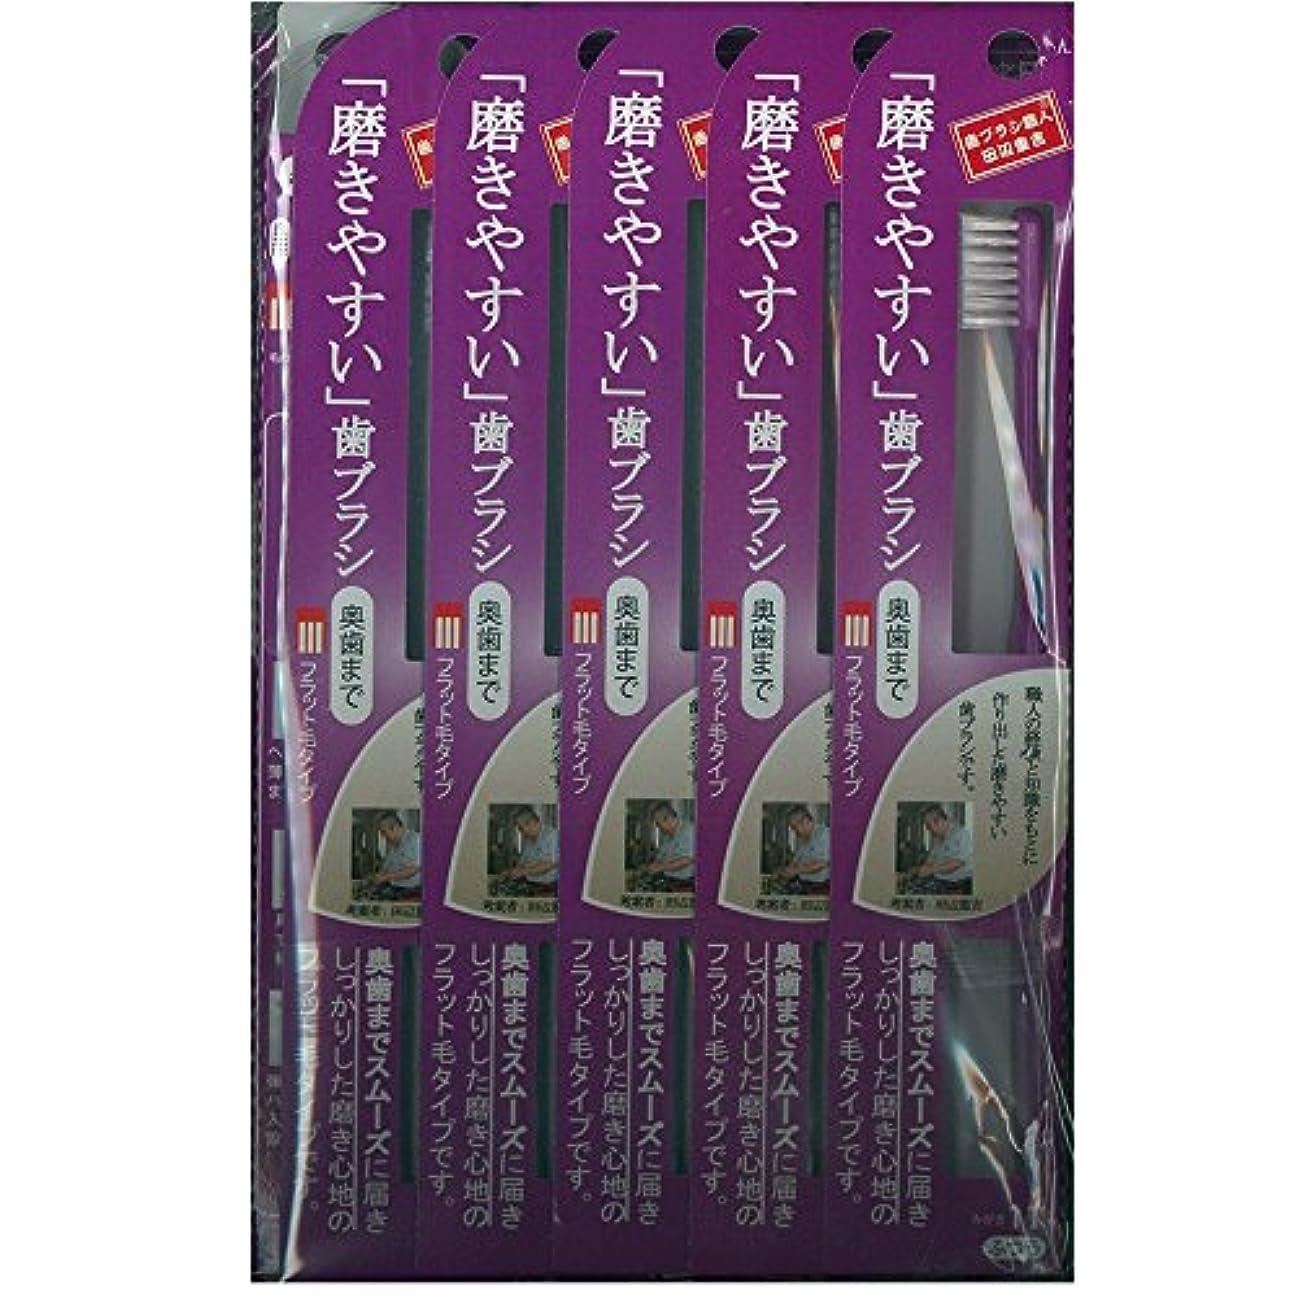 磨きやすい歯ブラシ(奥歯まで)フラット LT-11×12本セット( ピンク×4本、ブルー×4本、グリーン×2本、パープル×2本)